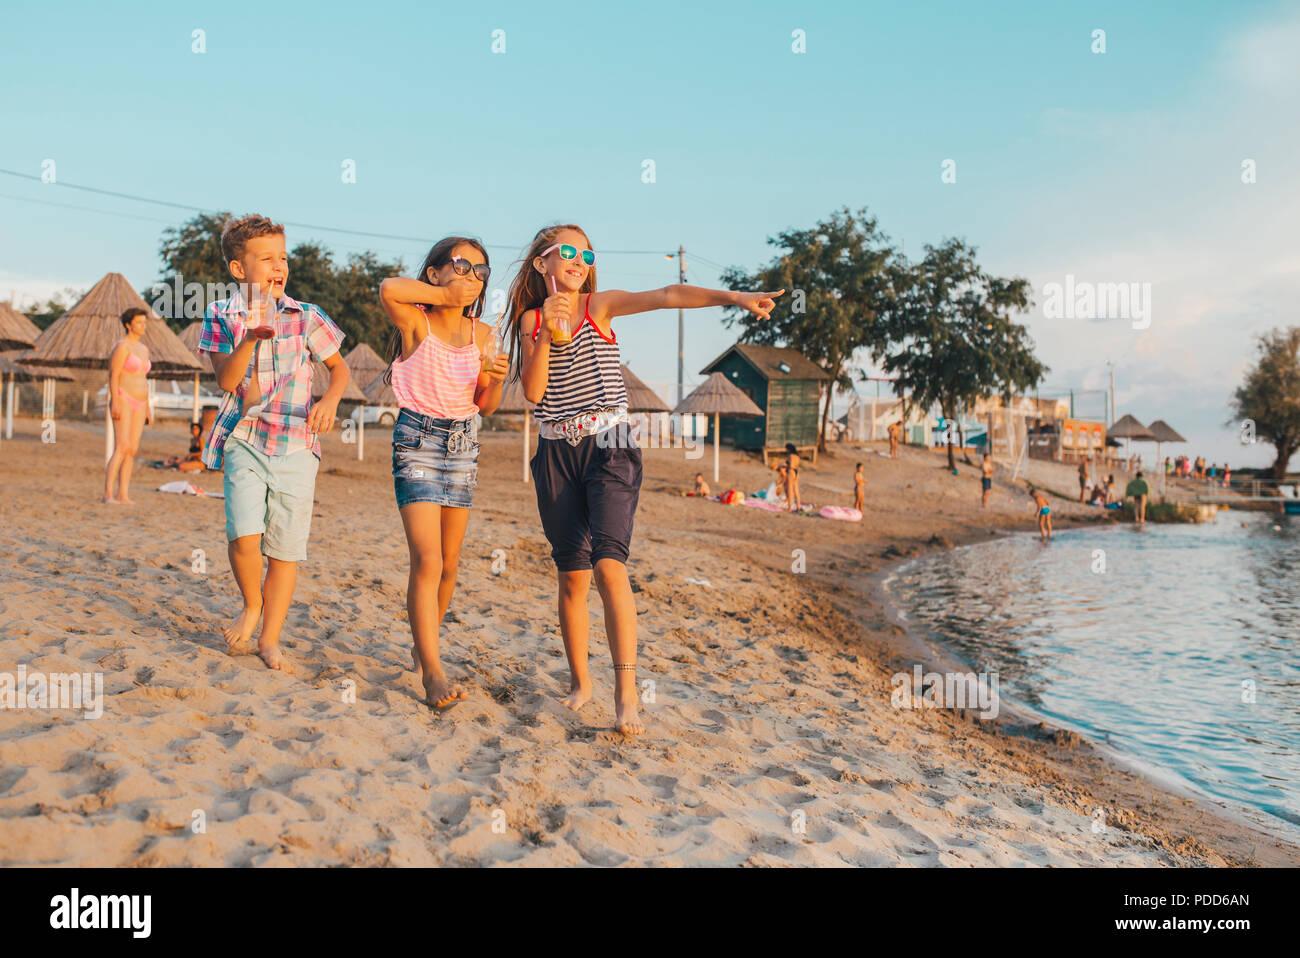 Ritratto di felice bambini divertirsi mentre si cammina sulla riva Immagini Stock